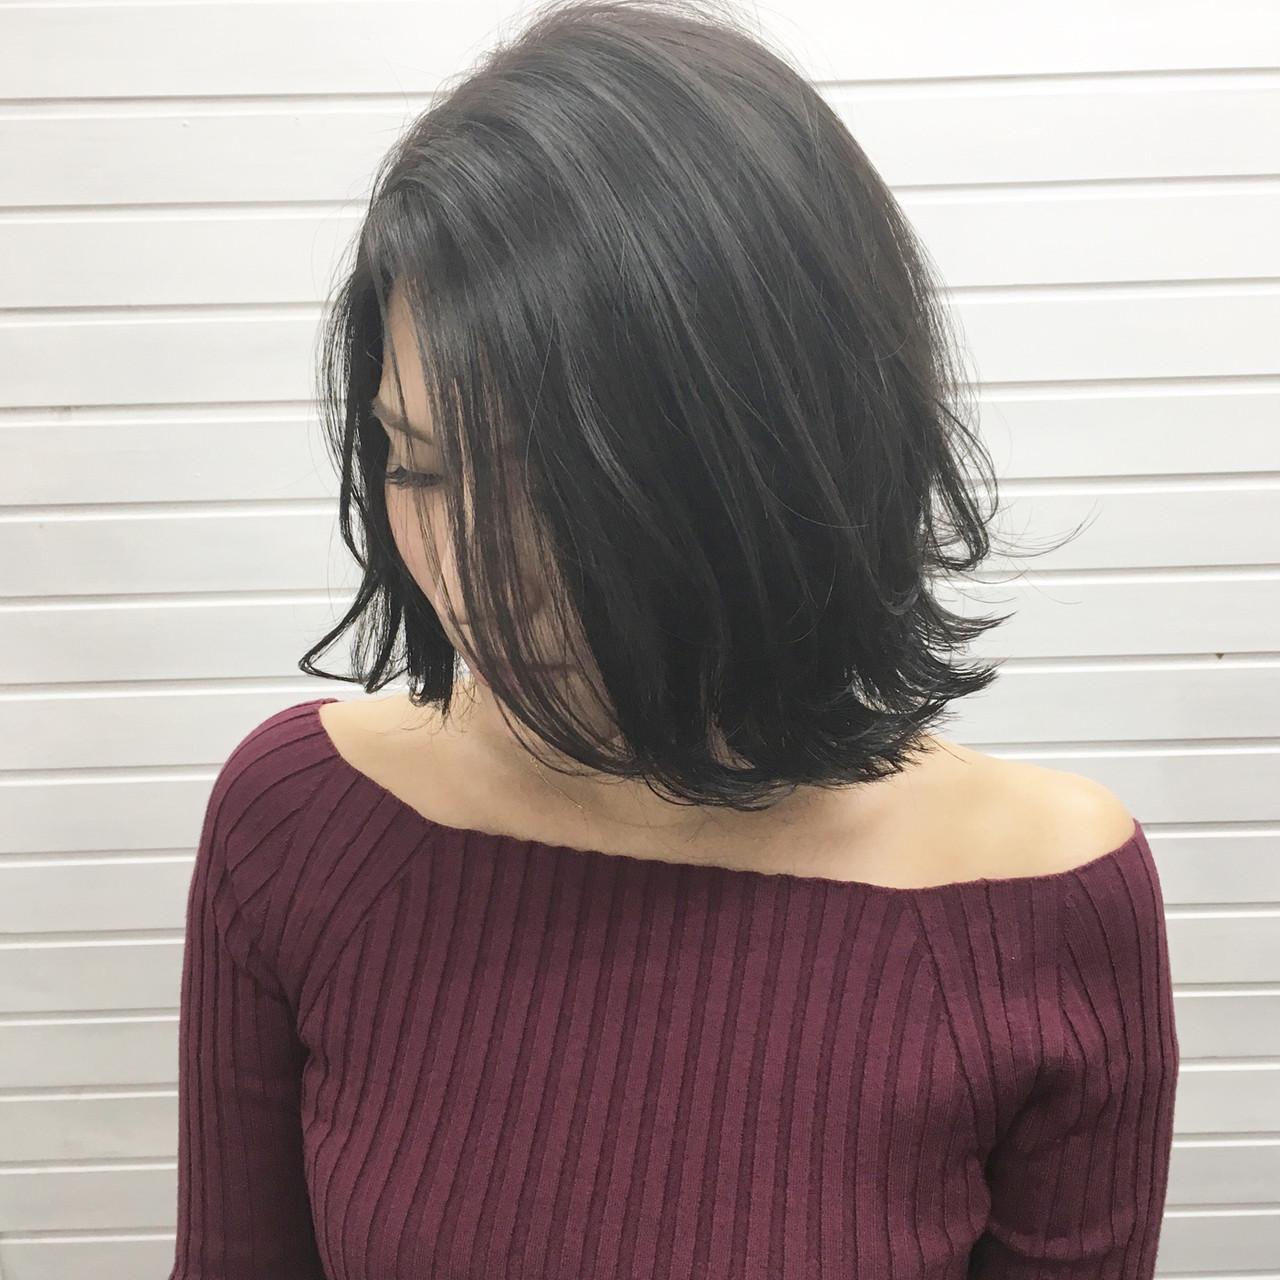 上品 ヘアアレンジ 暗髪 アンニュイほつれヘア ヘアスタイルや髪型の写真・画像